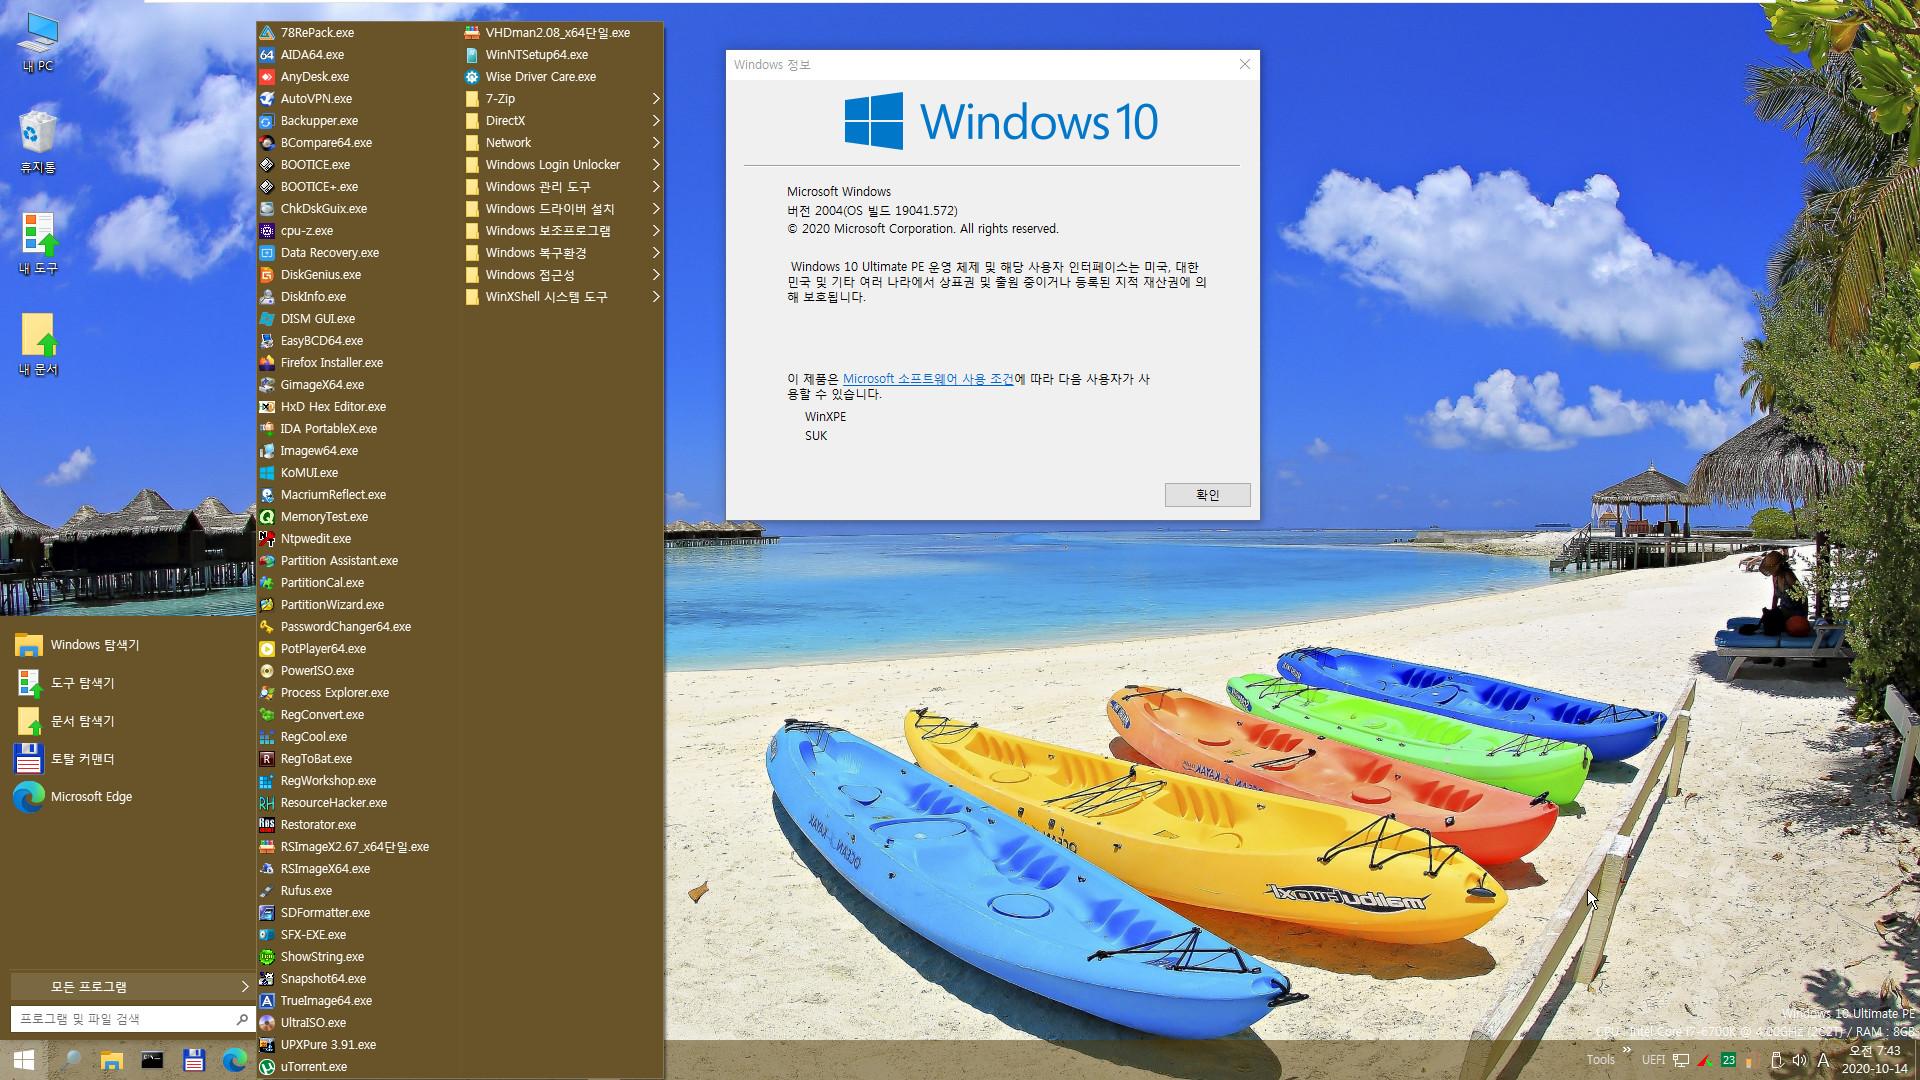 2020-10-14 수요일 정기 업데이트 통합 PRO x64 2개 - Windows 10 버전 2004 + 버전 20H2 누적 업데이트 KB4579311 (OS 빌드 19041.572 + 19042.572) - PE 만들기 테스트 - 94는 기본 시스템 계정으로 만들어집니다 2020-10-14_074348.jpg